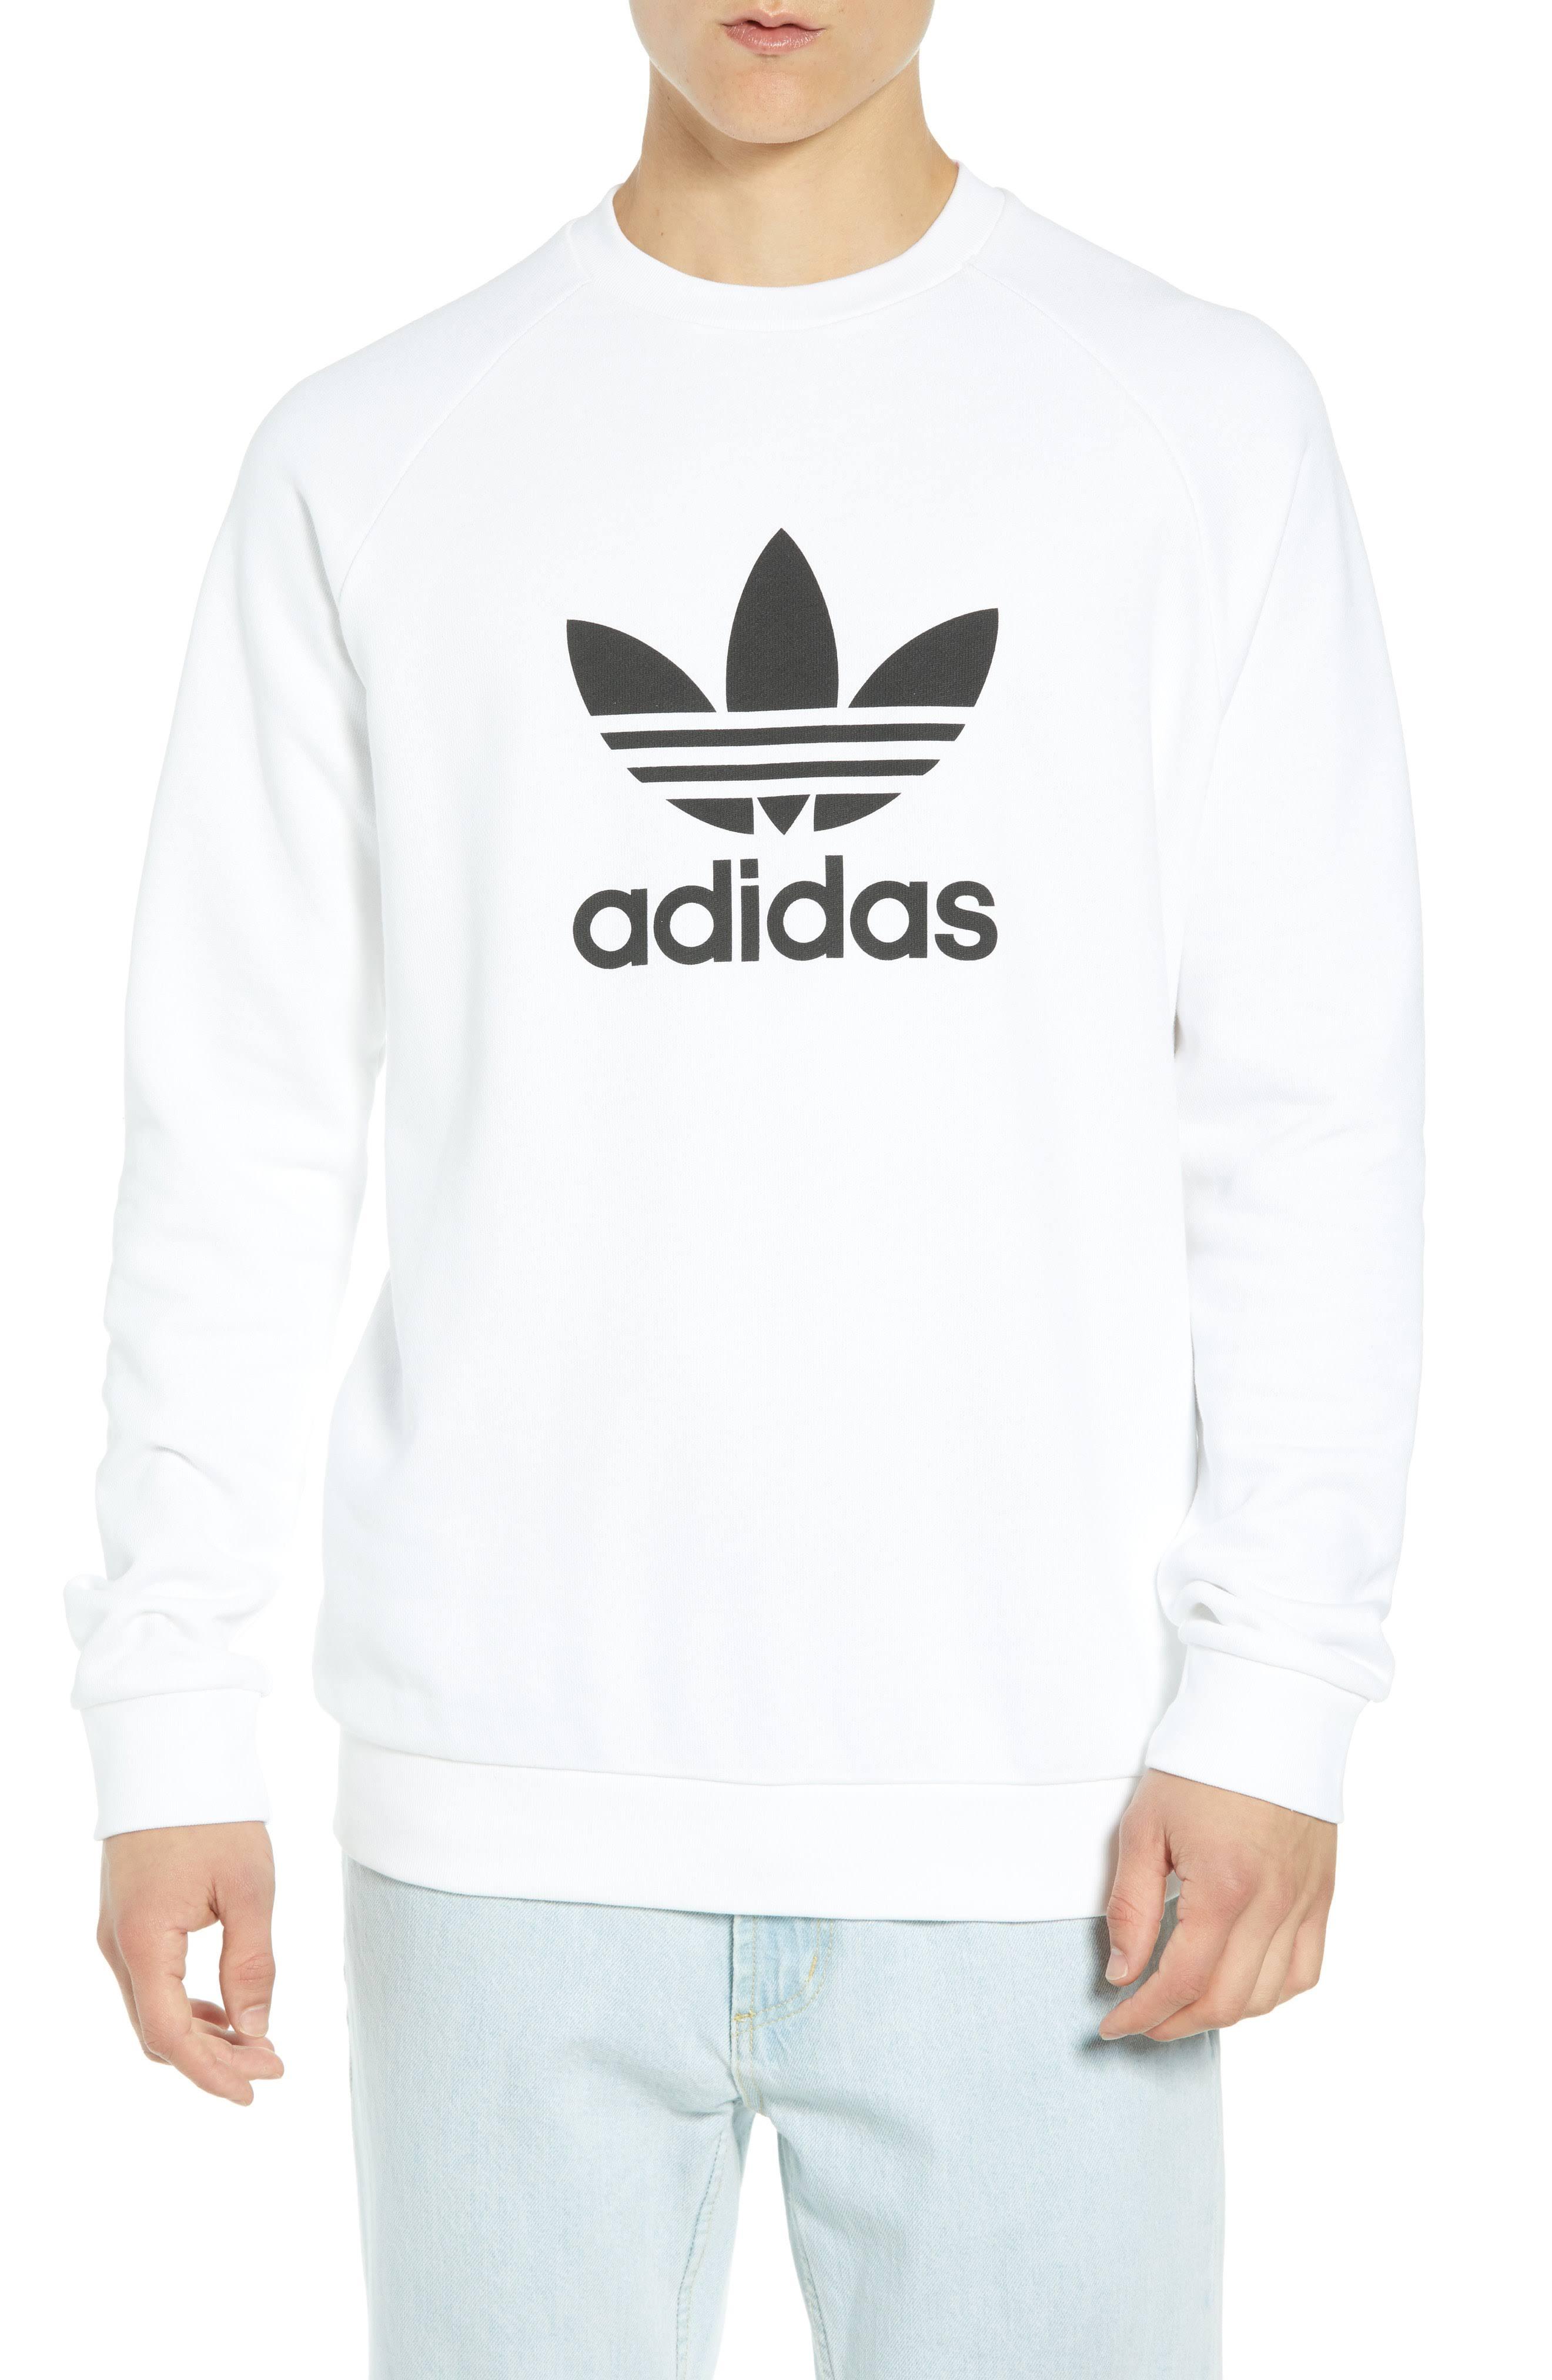 Trébol Blanco Originals Calentamiento De Sudadera Adidas qHa7Wx